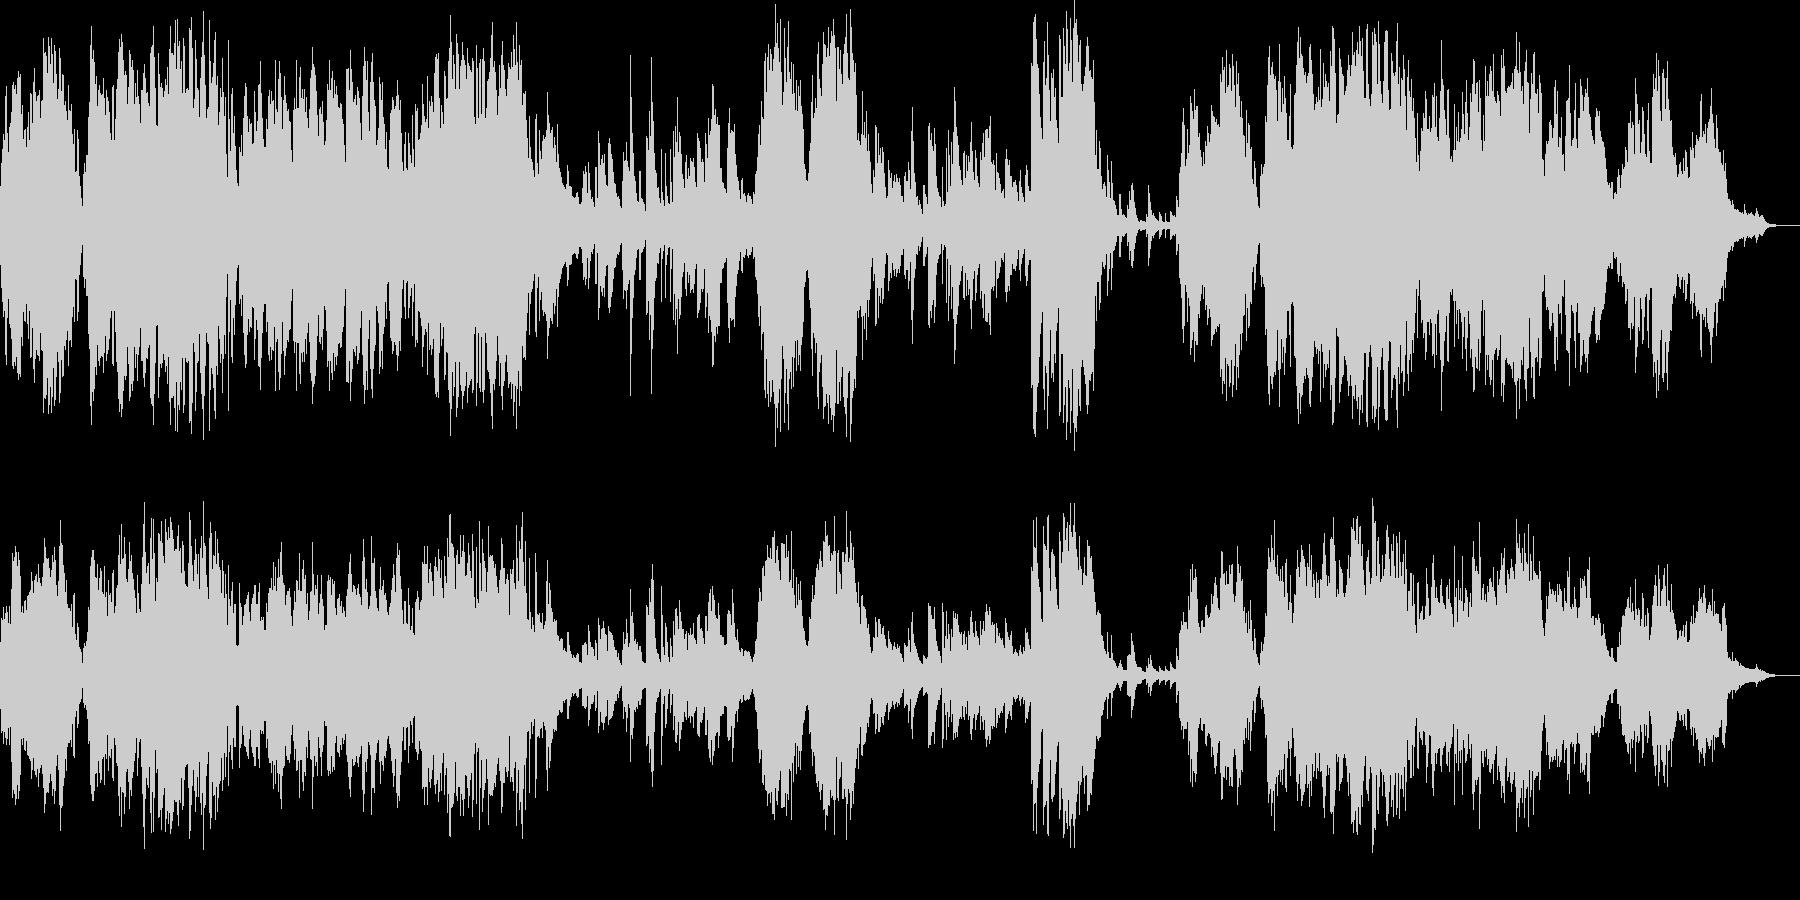 クロード・ドビュッシー初期のピアノ作品の未再生の波形